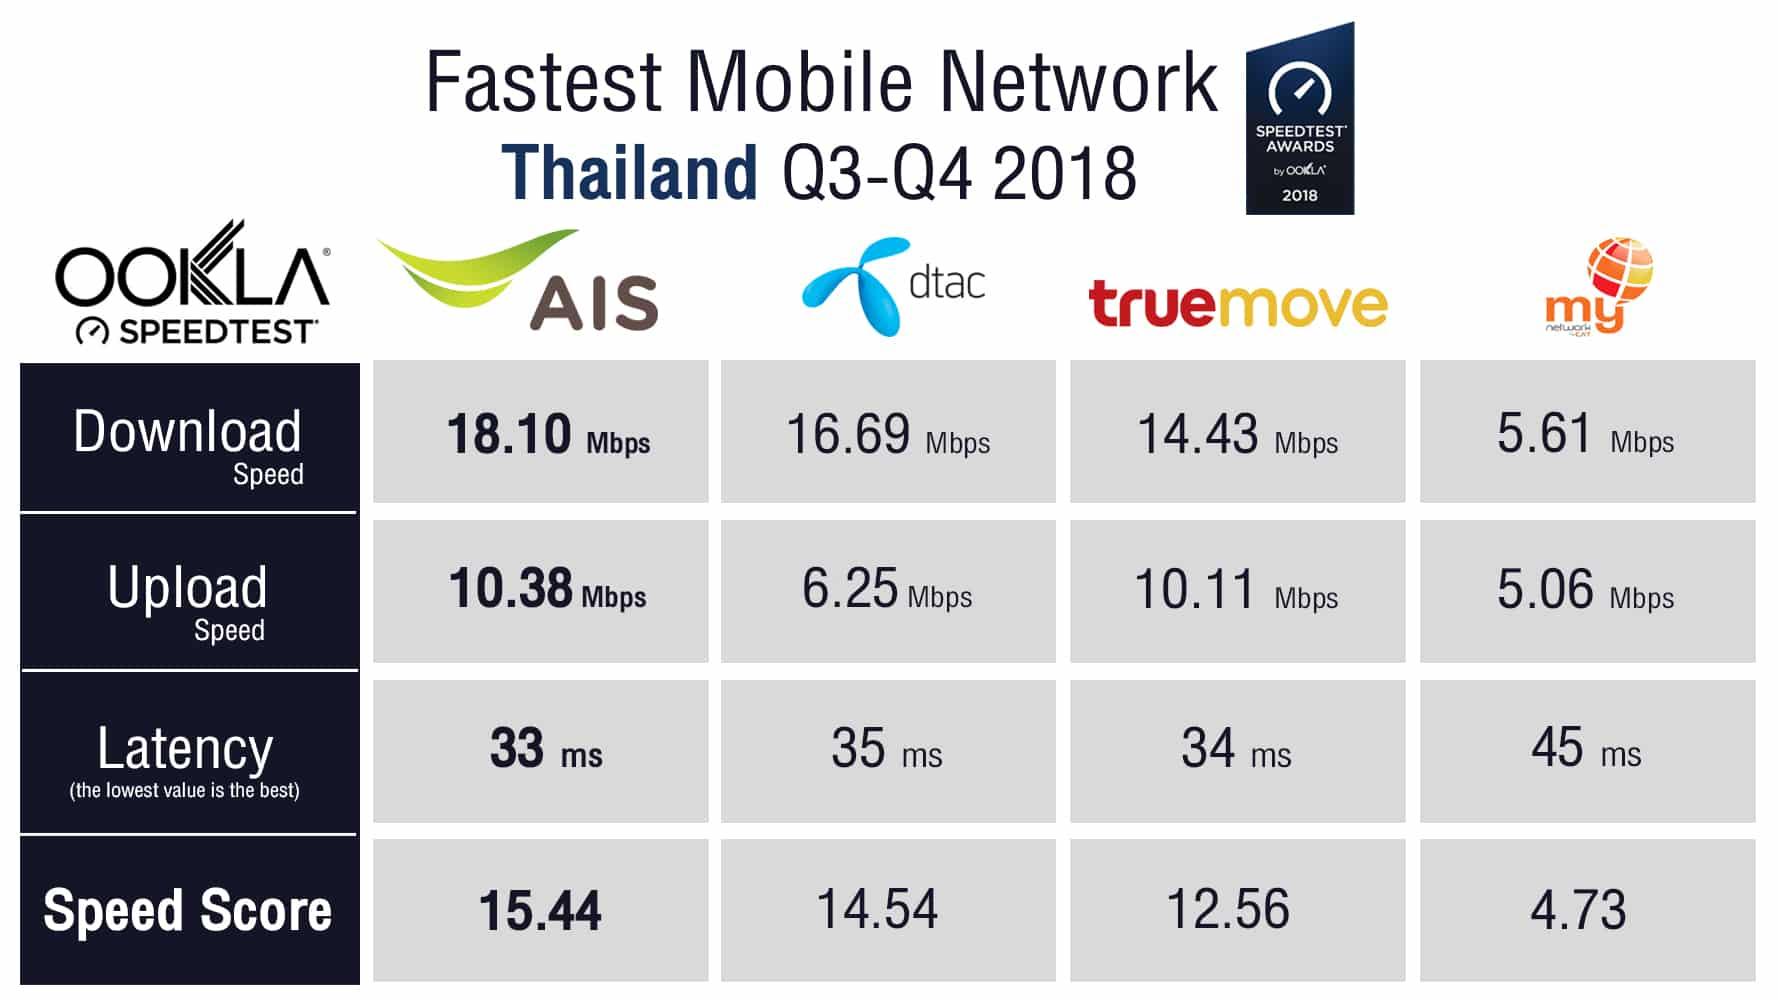 02 Fastest Mobile Network Ookla Speedtest - Ookla Speedtest เผยครึ่งปีหลังของปี 2018 AIS เป็นอันดับ 1 เครือข่ายมือถือที่เร็วที่สุดในประเทศไทย 4 ปีซ้อน